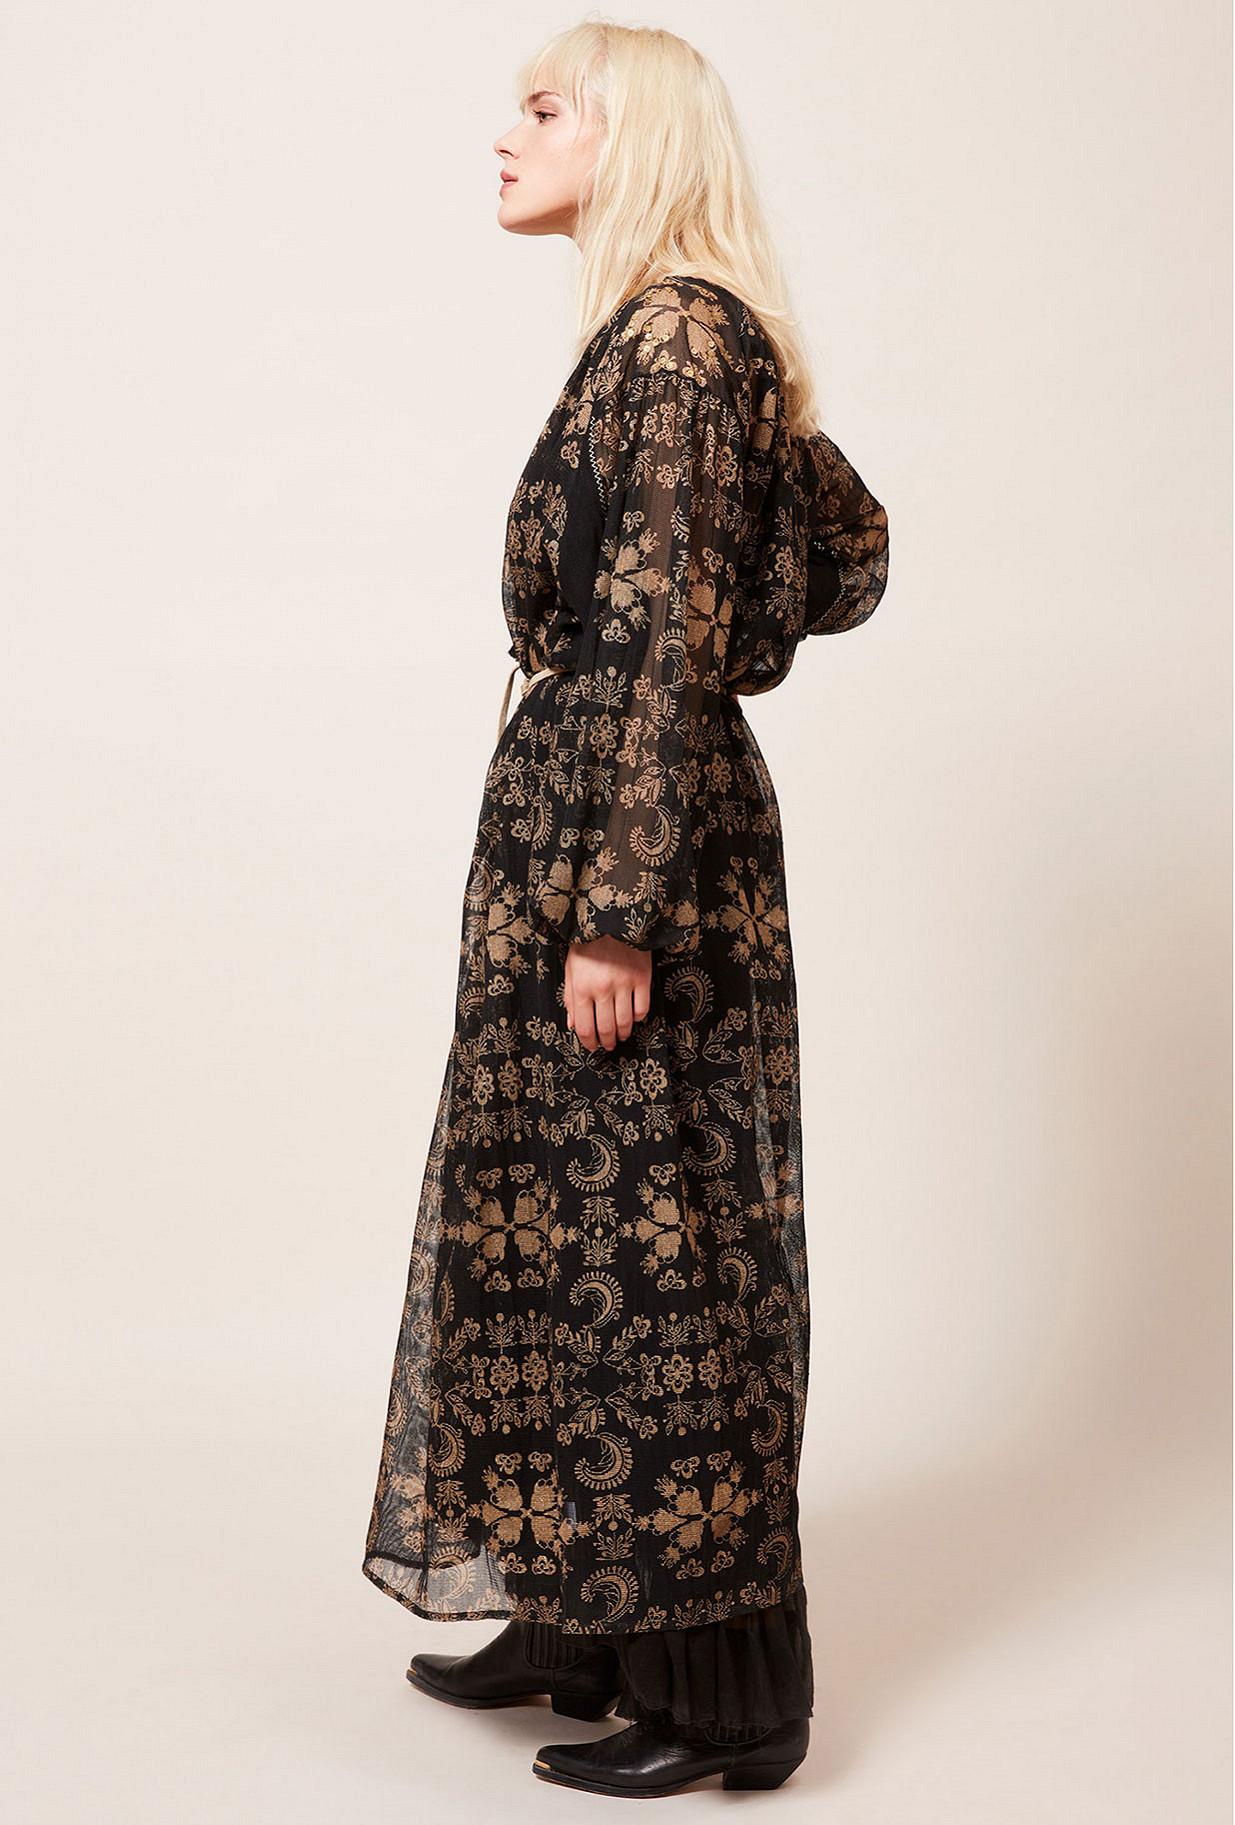 Black  Dress  Artemis Mes demoiselles fashion clothes designer Paris